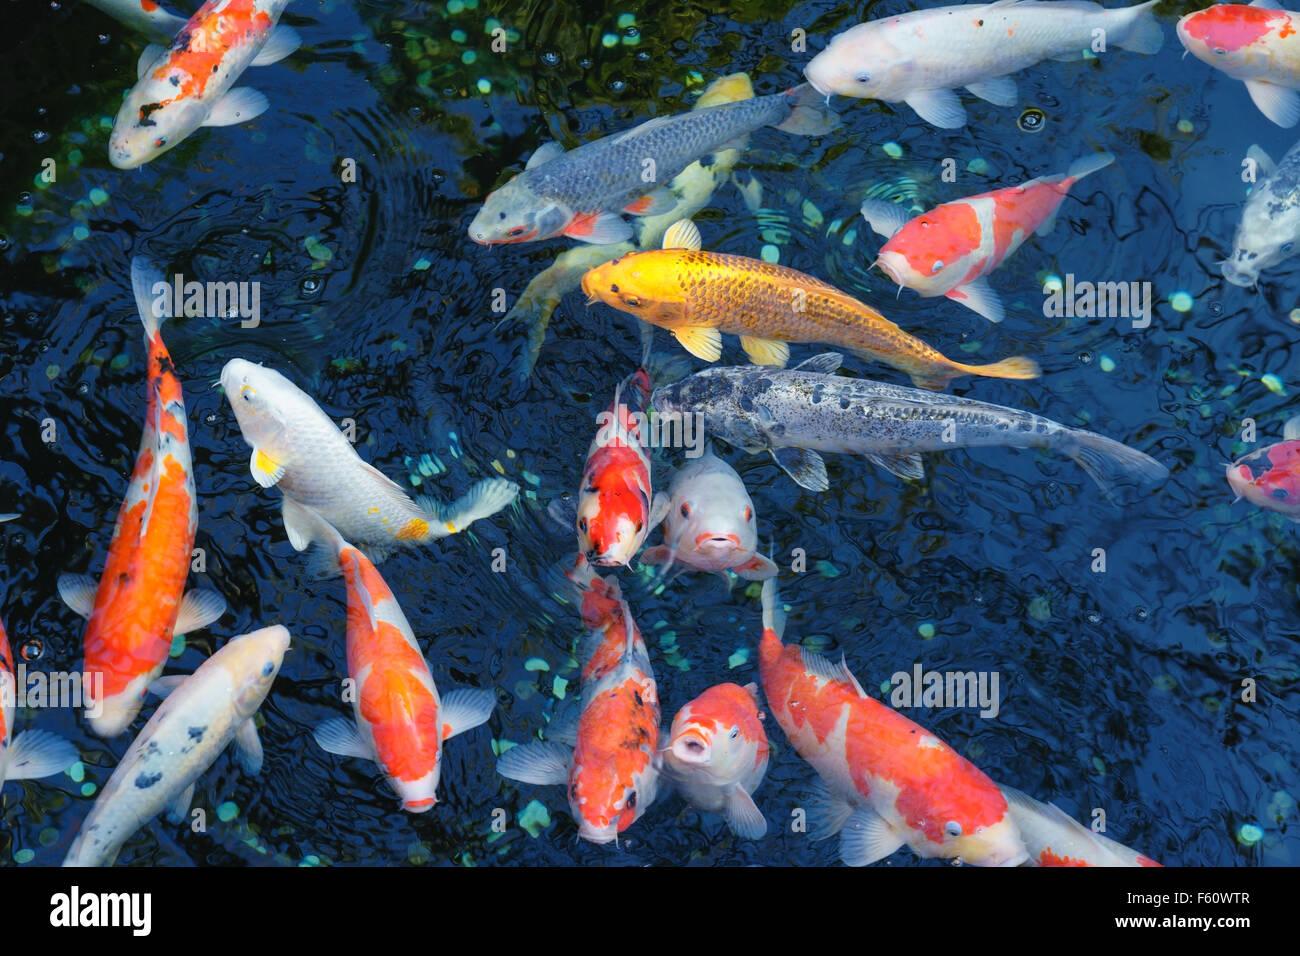 Koi japan stockfotos koi japan bilder alamy for Koi und goldfische in einem teich